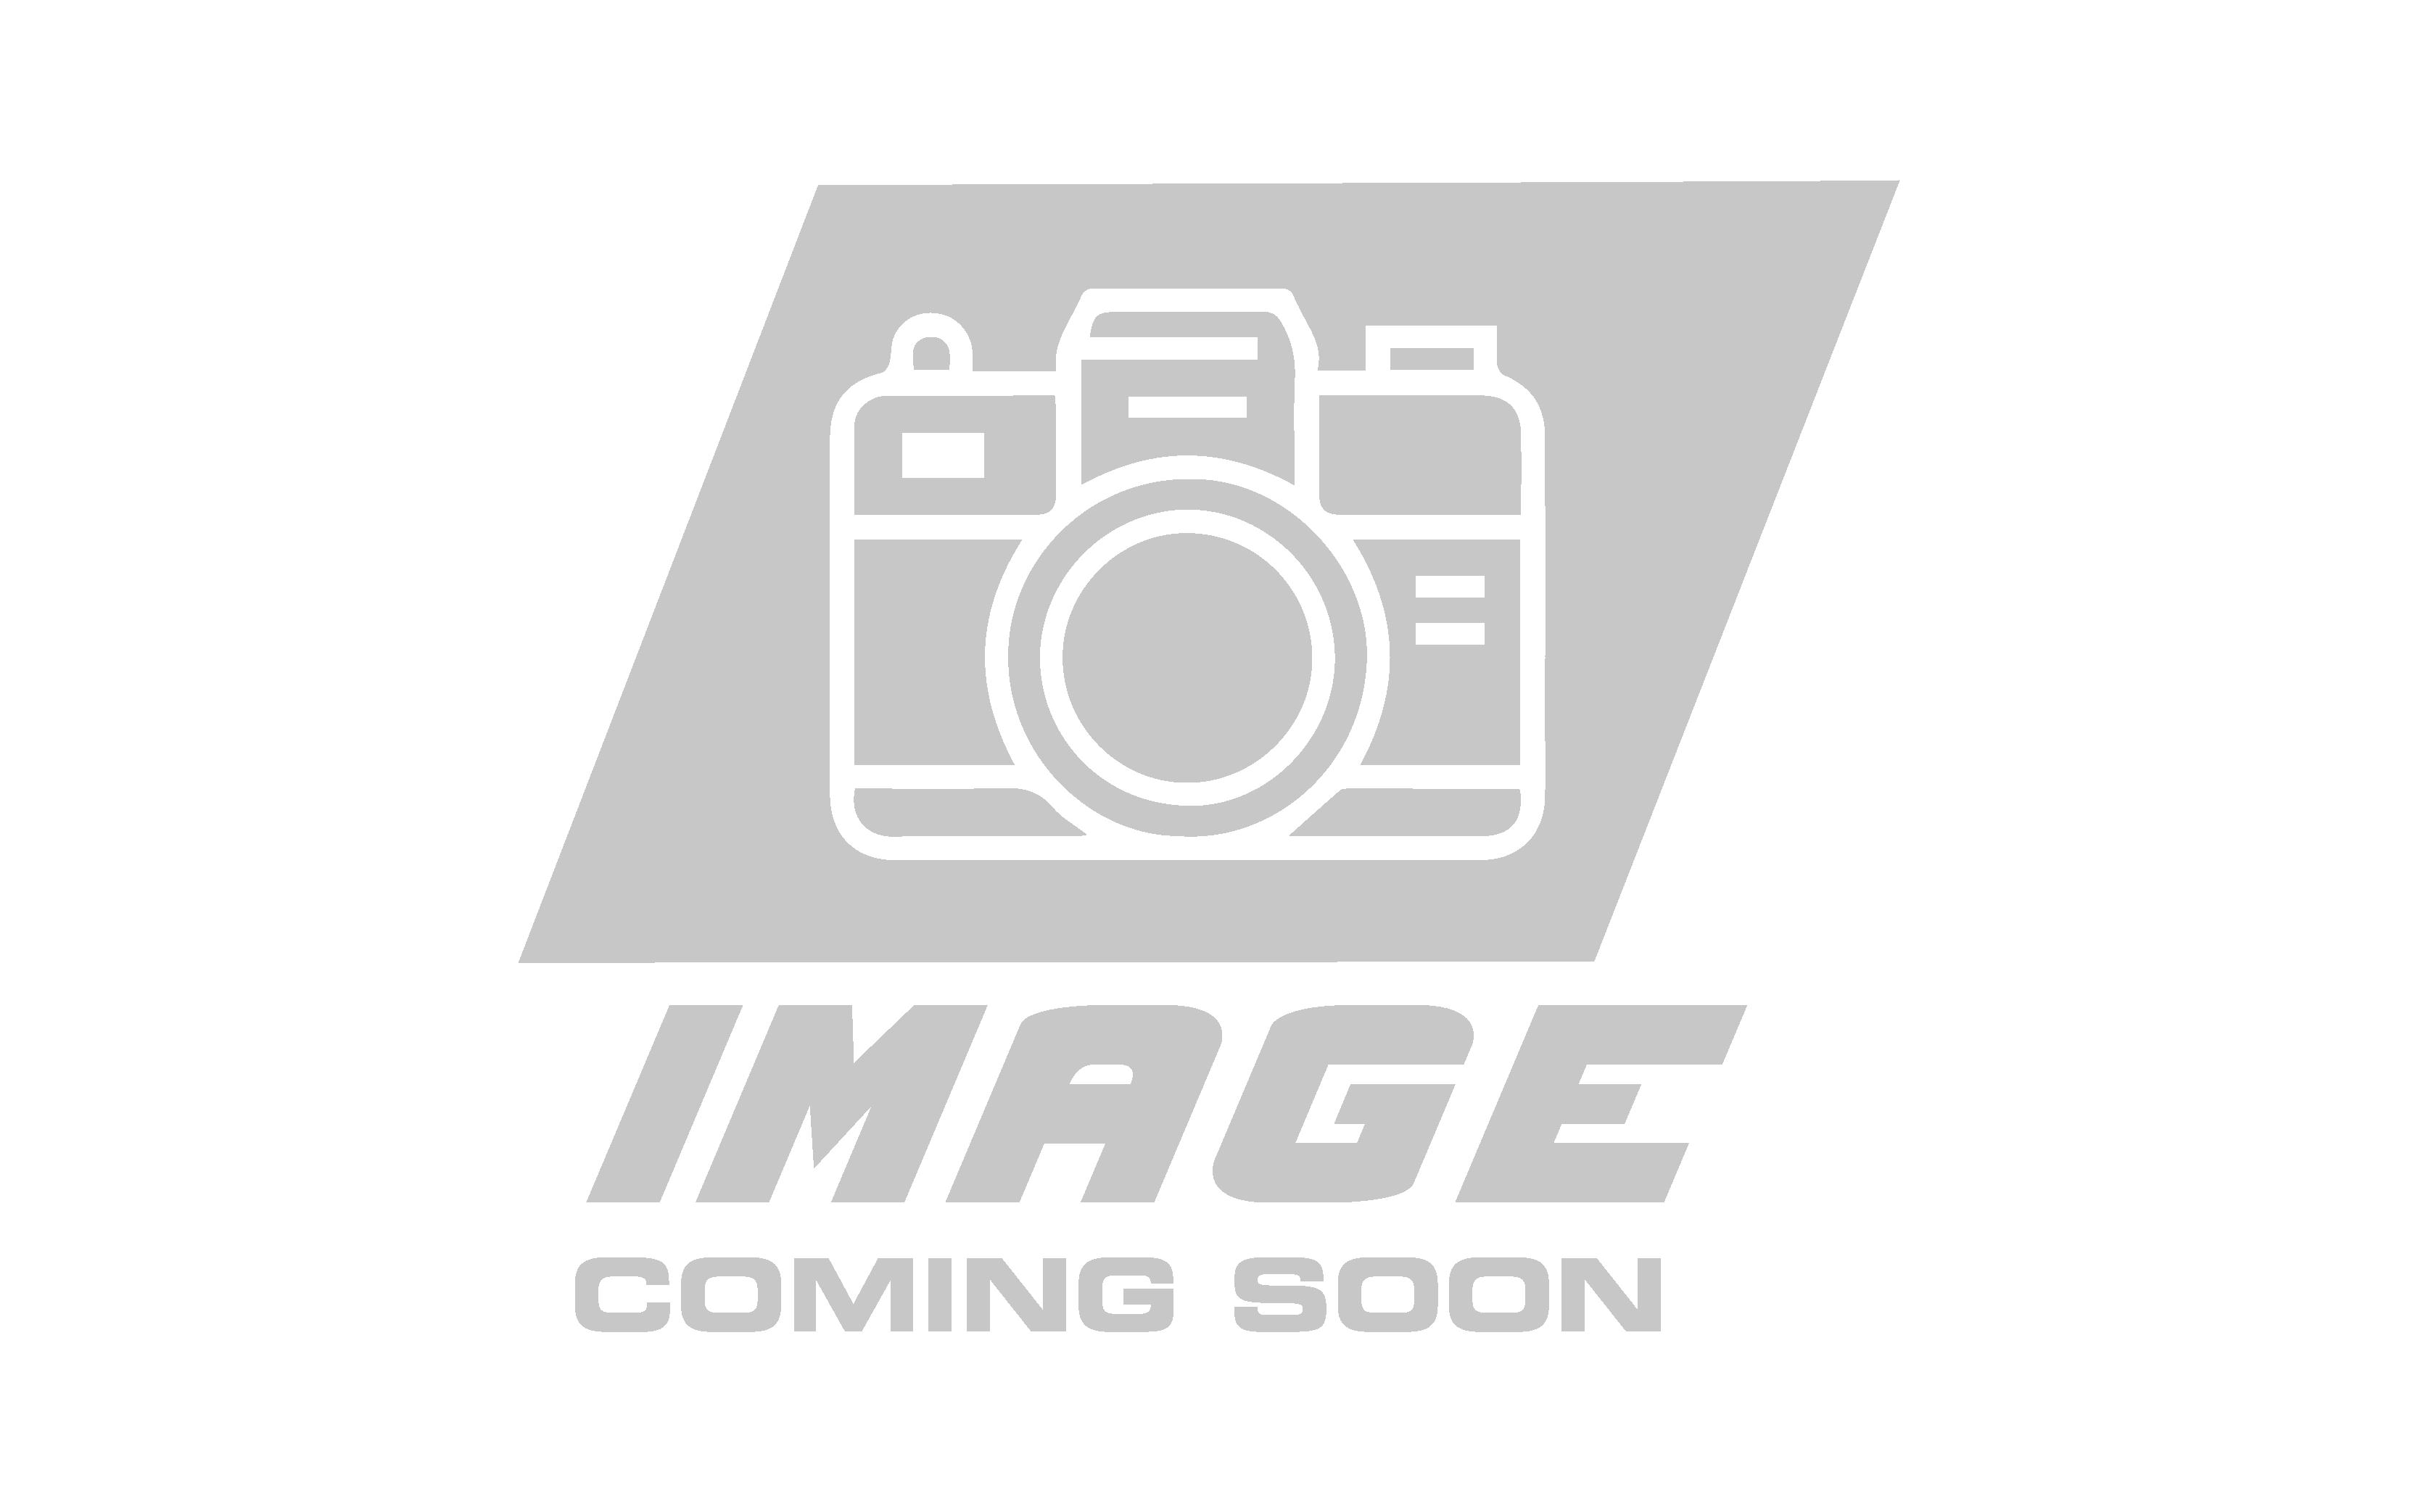 smc-gauge-tee-3